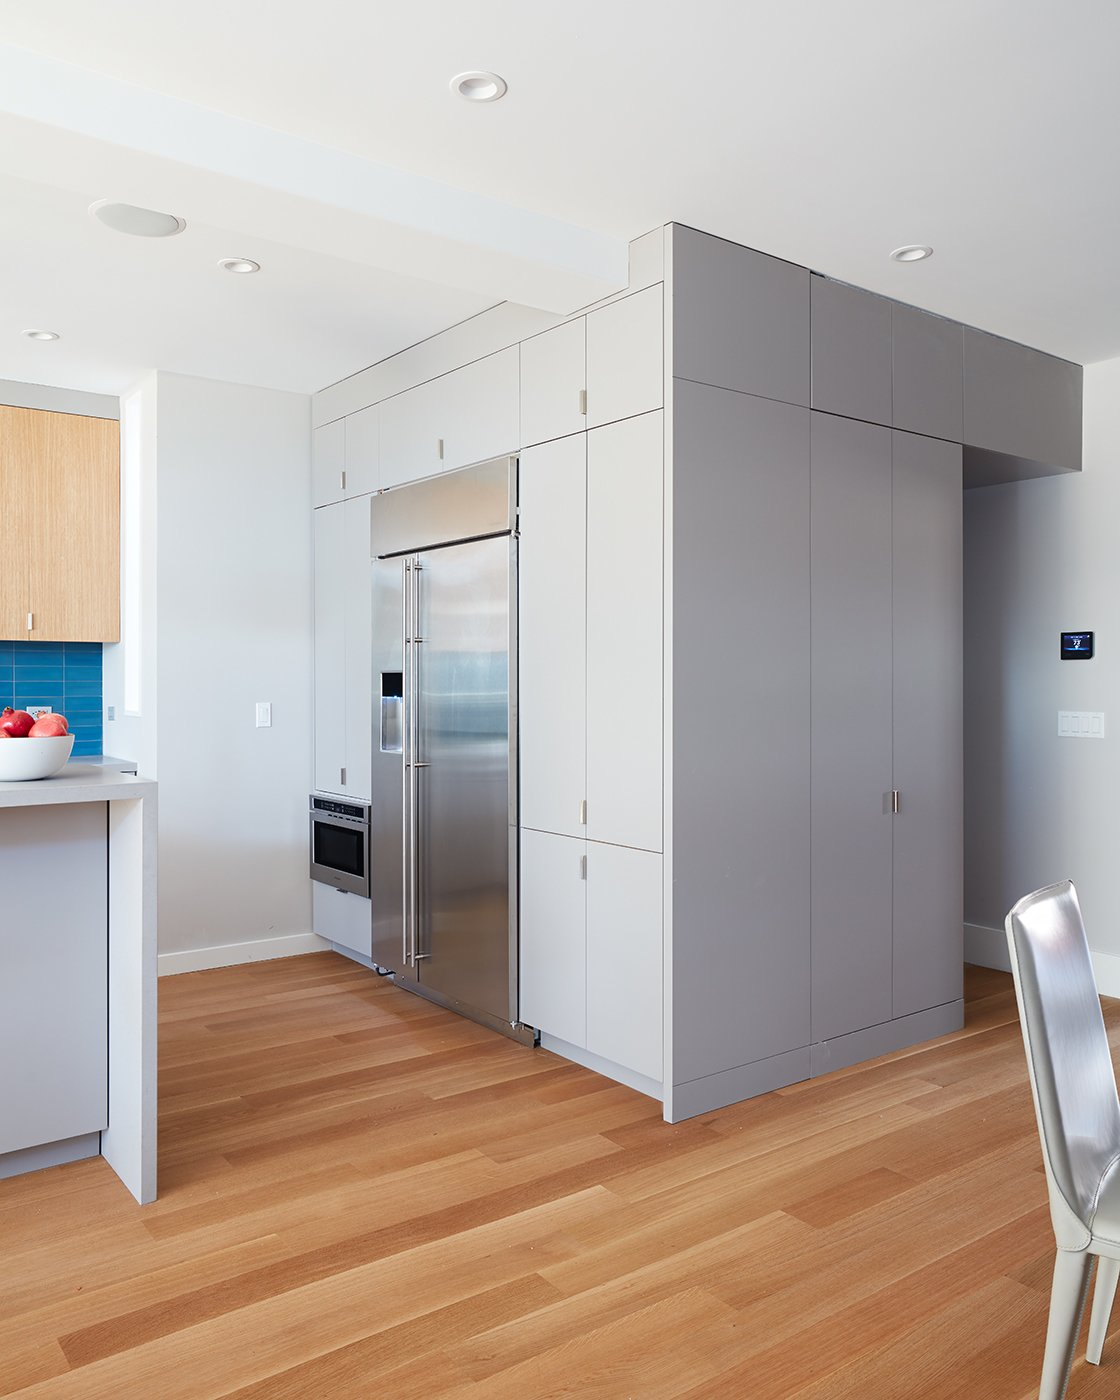 Megacabinet House kitchen storage